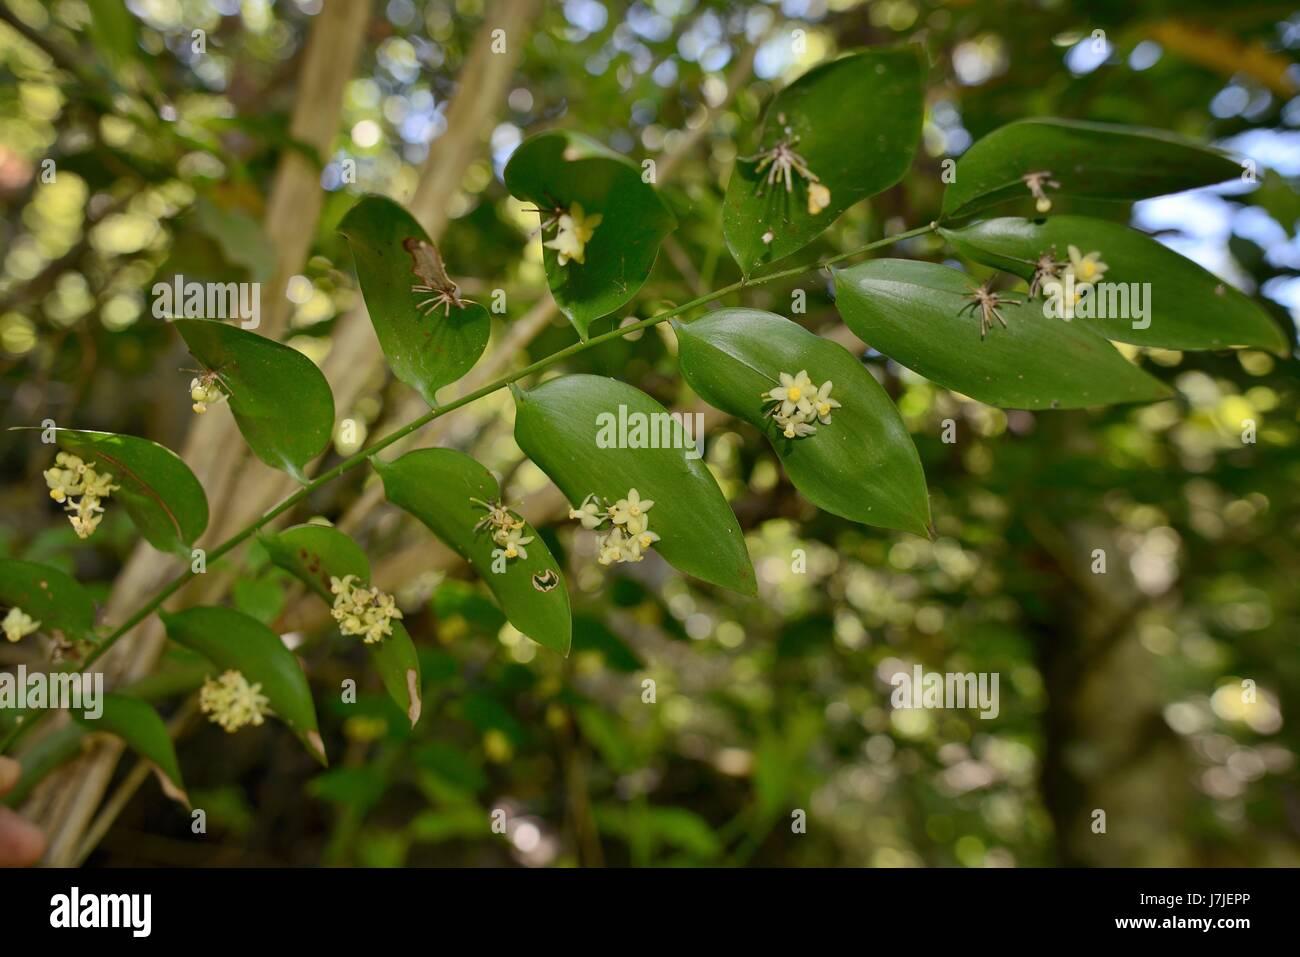 Klettern Mäusedorn (Semele Androgyna) Blüte von blattartigen abgeflachte Stängel oder Kladodien im Stockbild